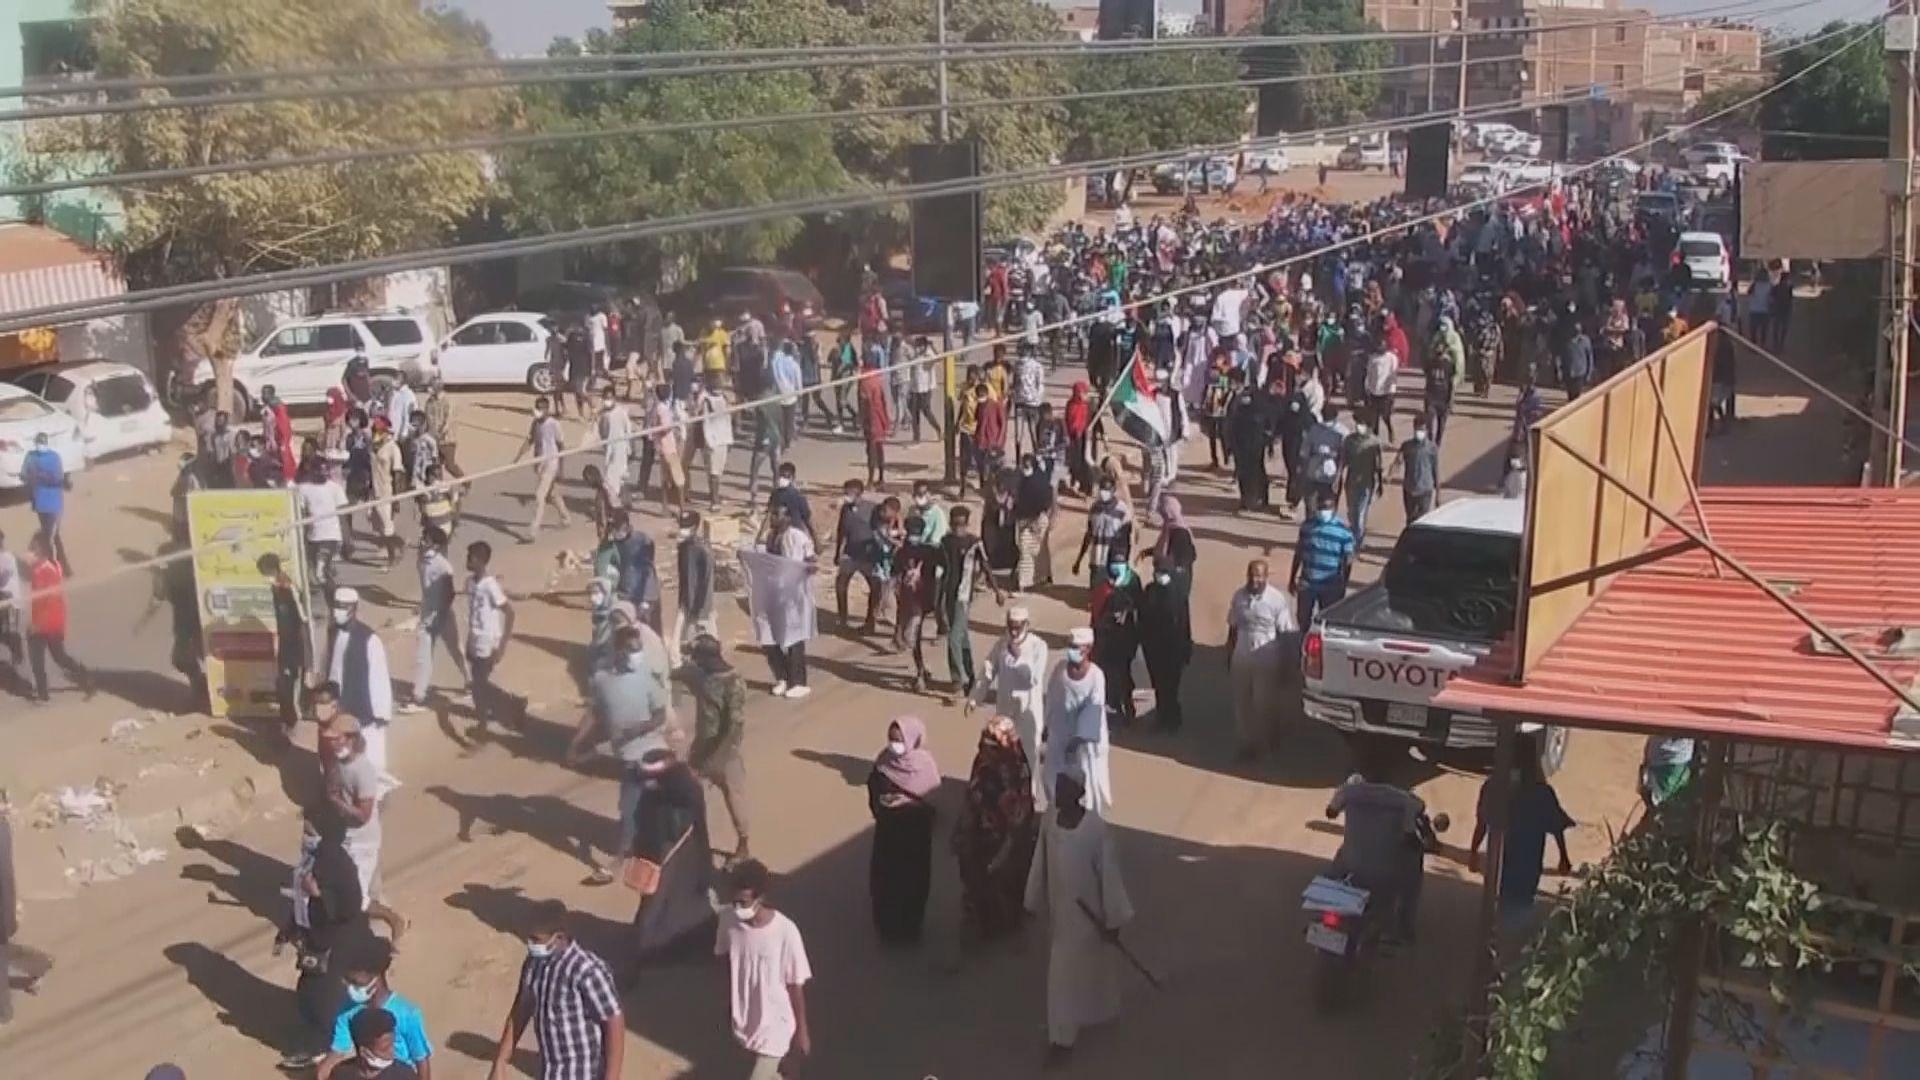 蘇丹繼續有反軍事政變示威